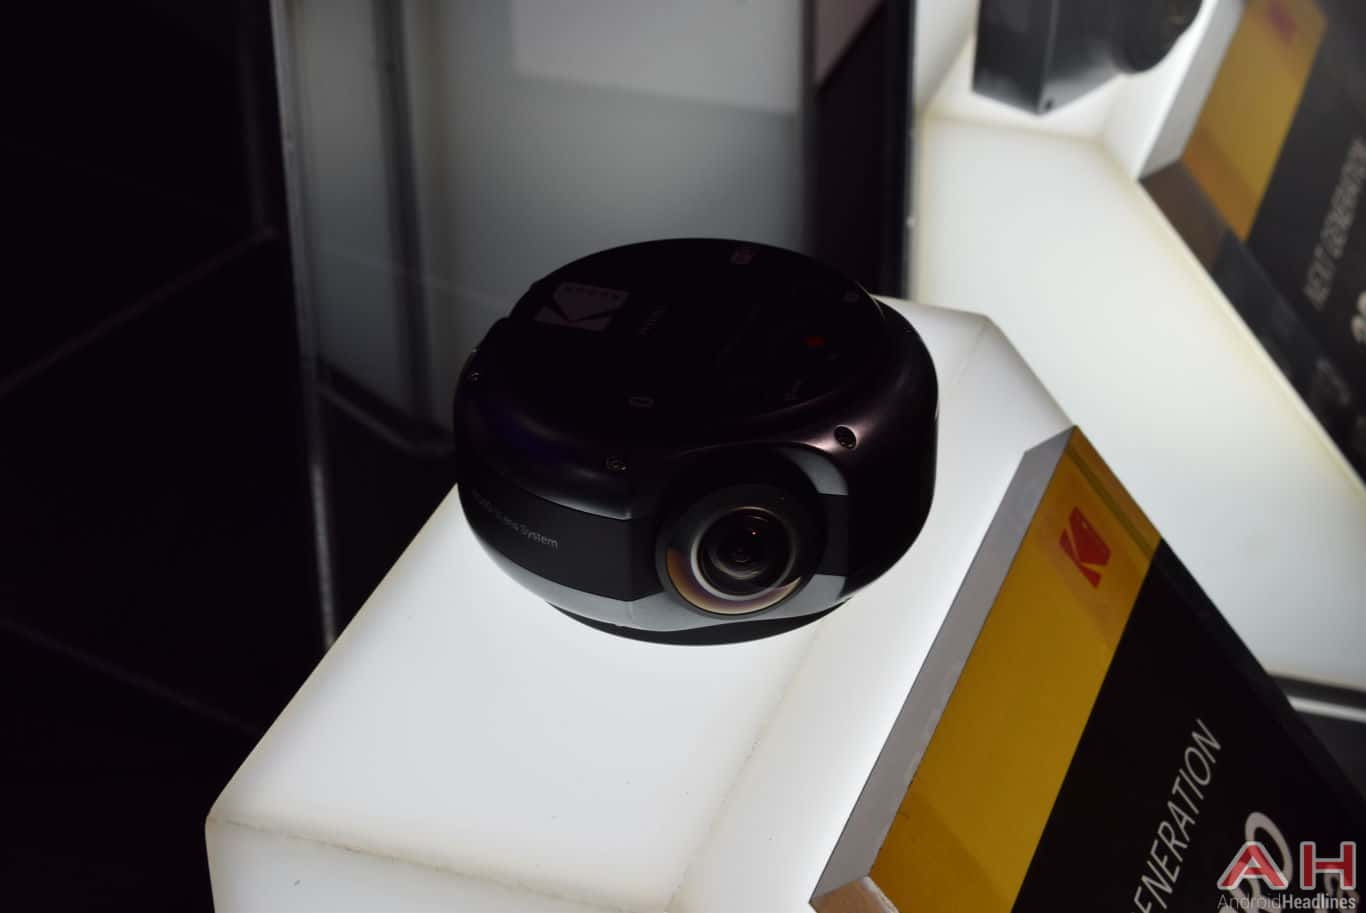 Kodak PIXPRO 360 Pro VR Camera CES 2018 AH 1